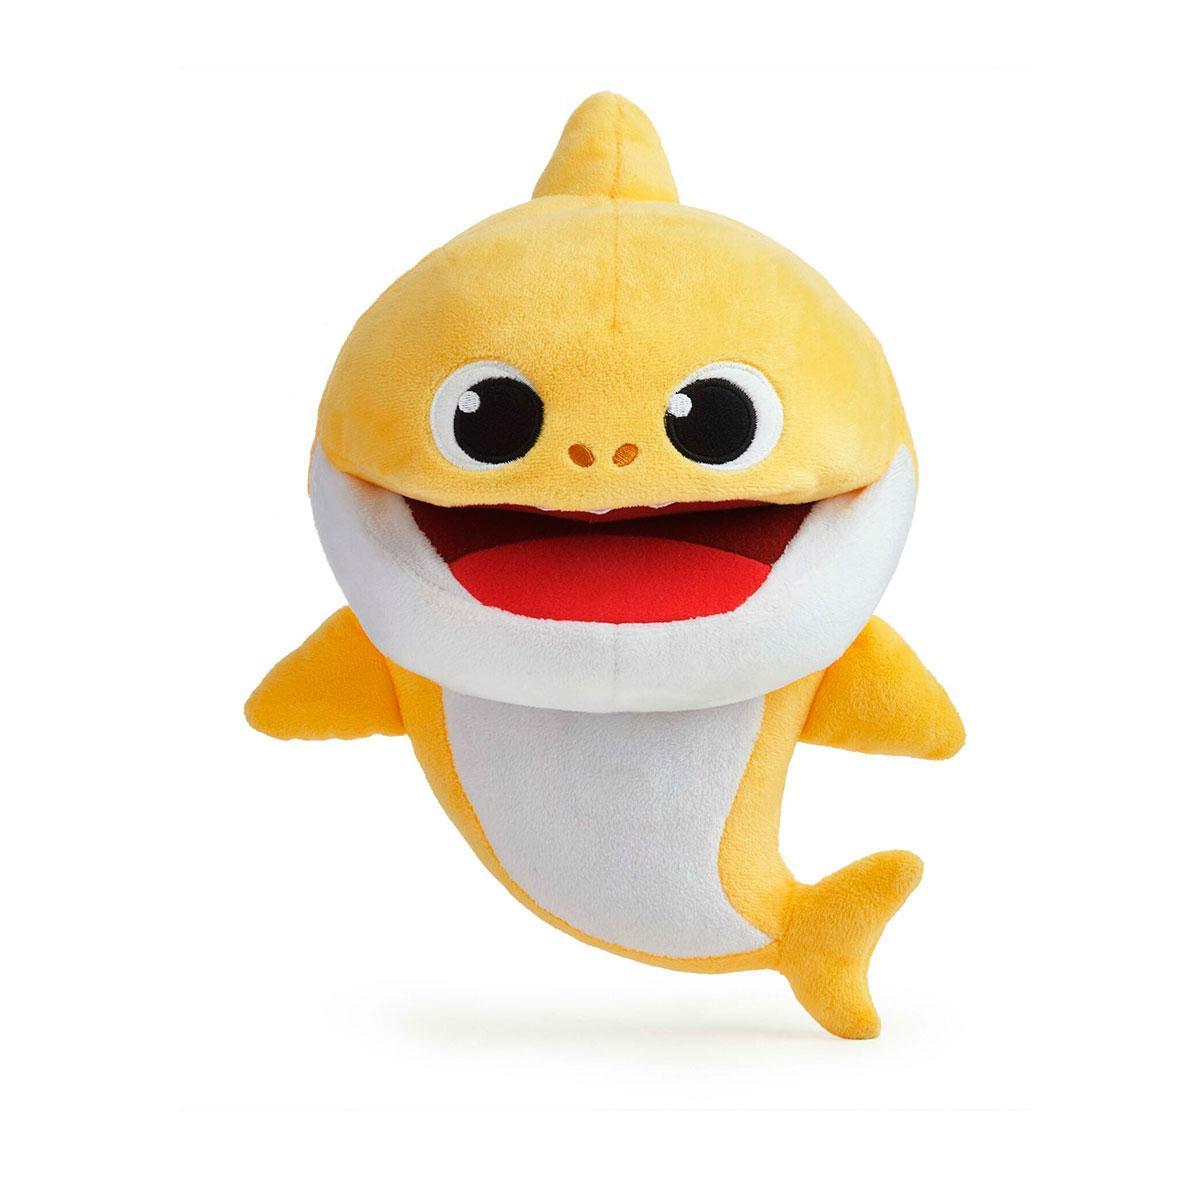 Інтерактивна м'яка іграшка на руку baby shark із зміною темпу відтворення – малюк акулятко